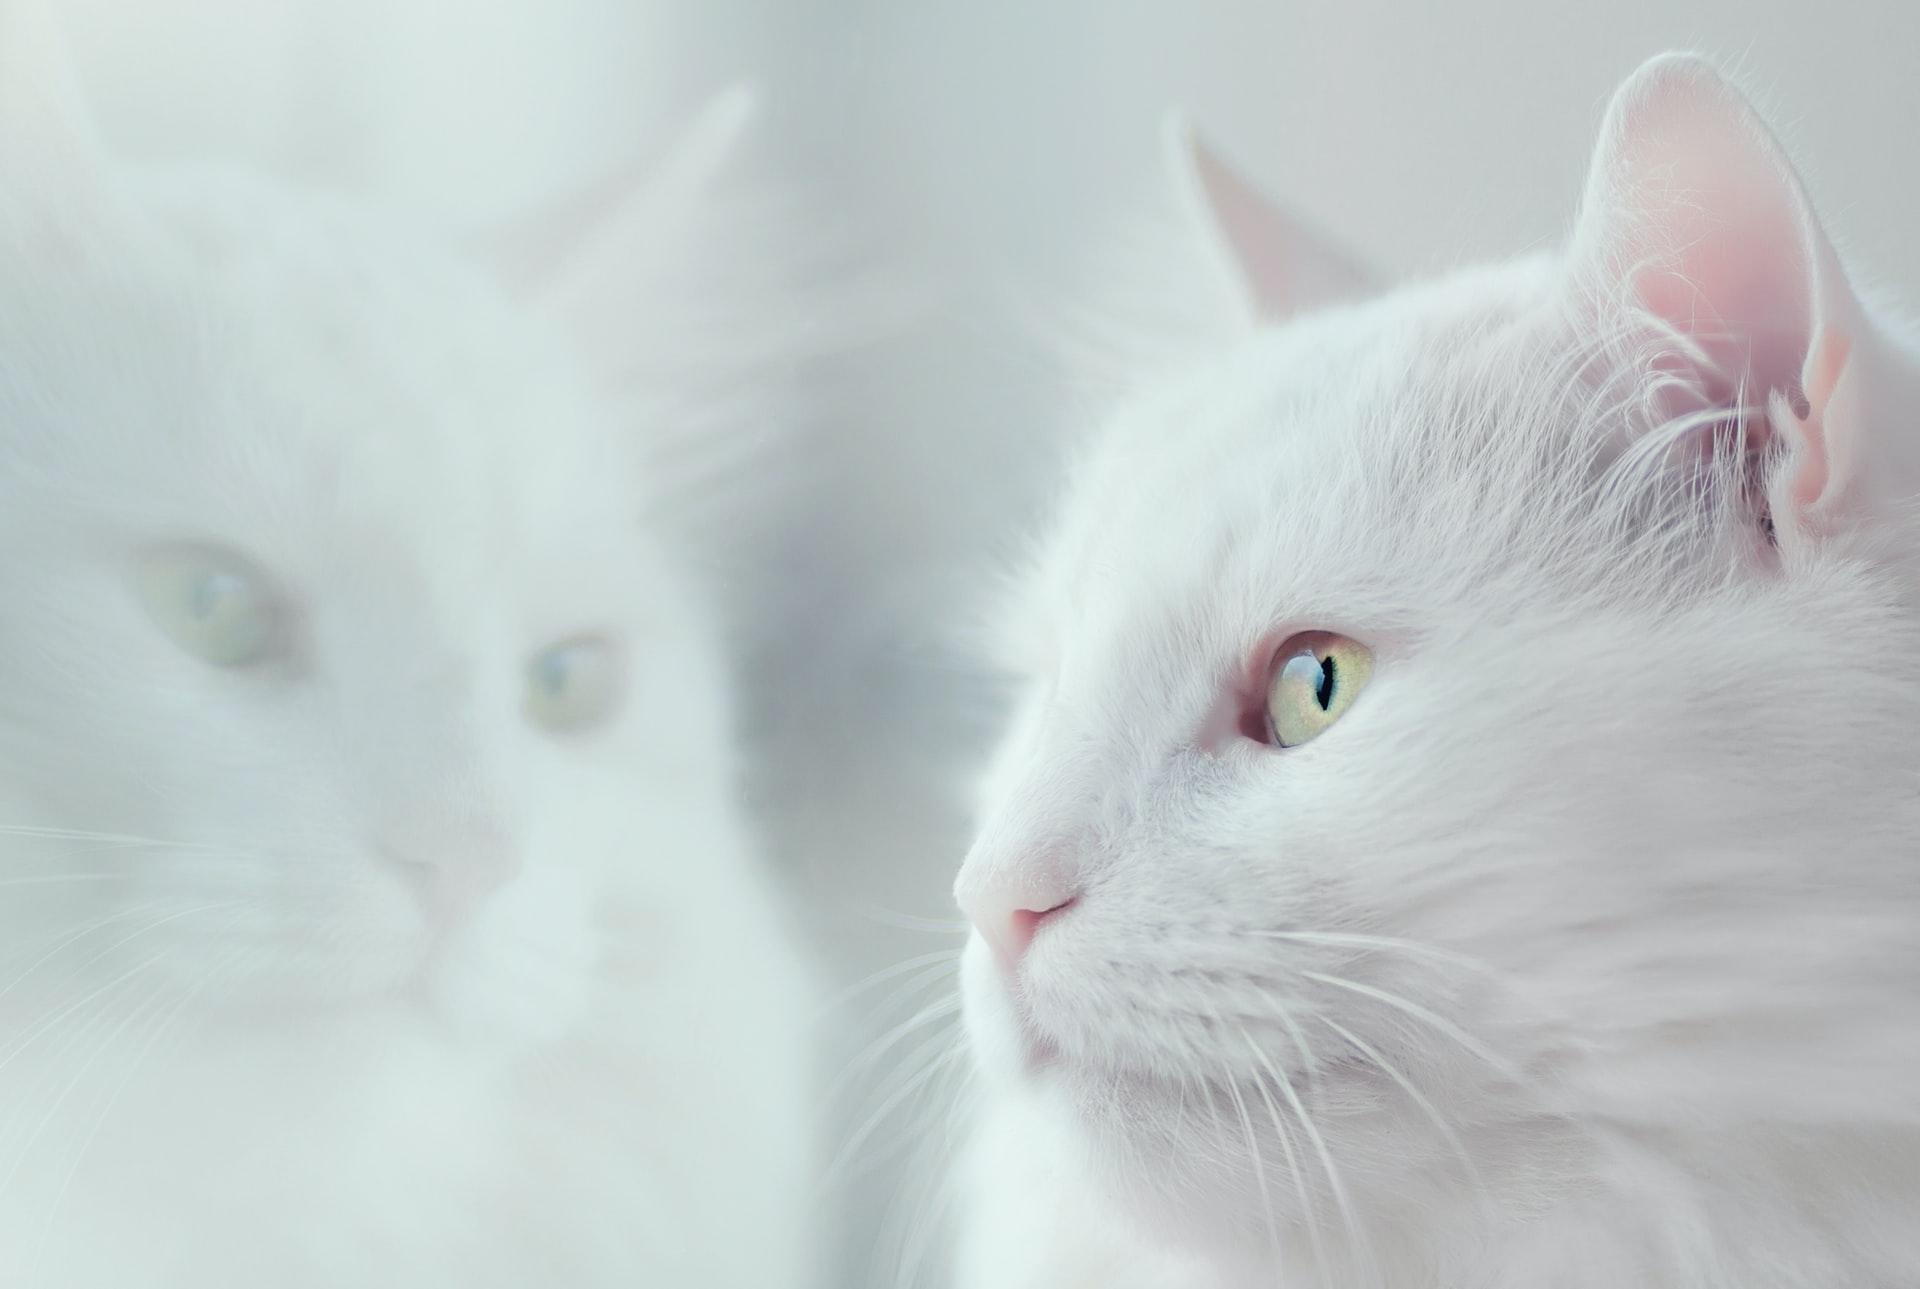 Kedi Piresi İçin Doğal Yöntemler Nelerdir?